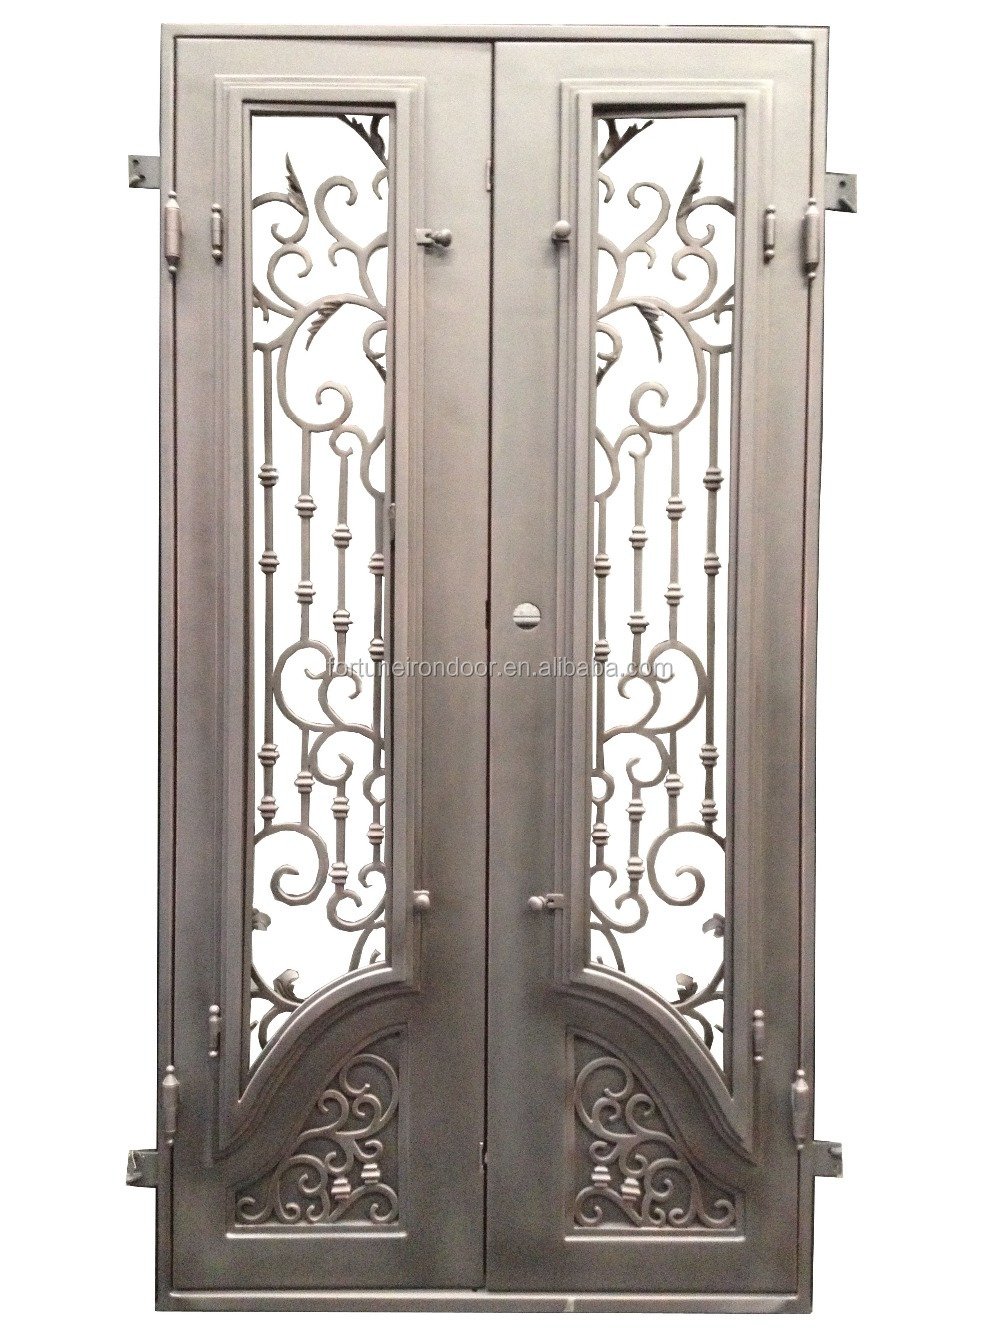 2016 dise o moda en hierro forjado puerta hechos a mano - Colgadores de hierro forjado ...